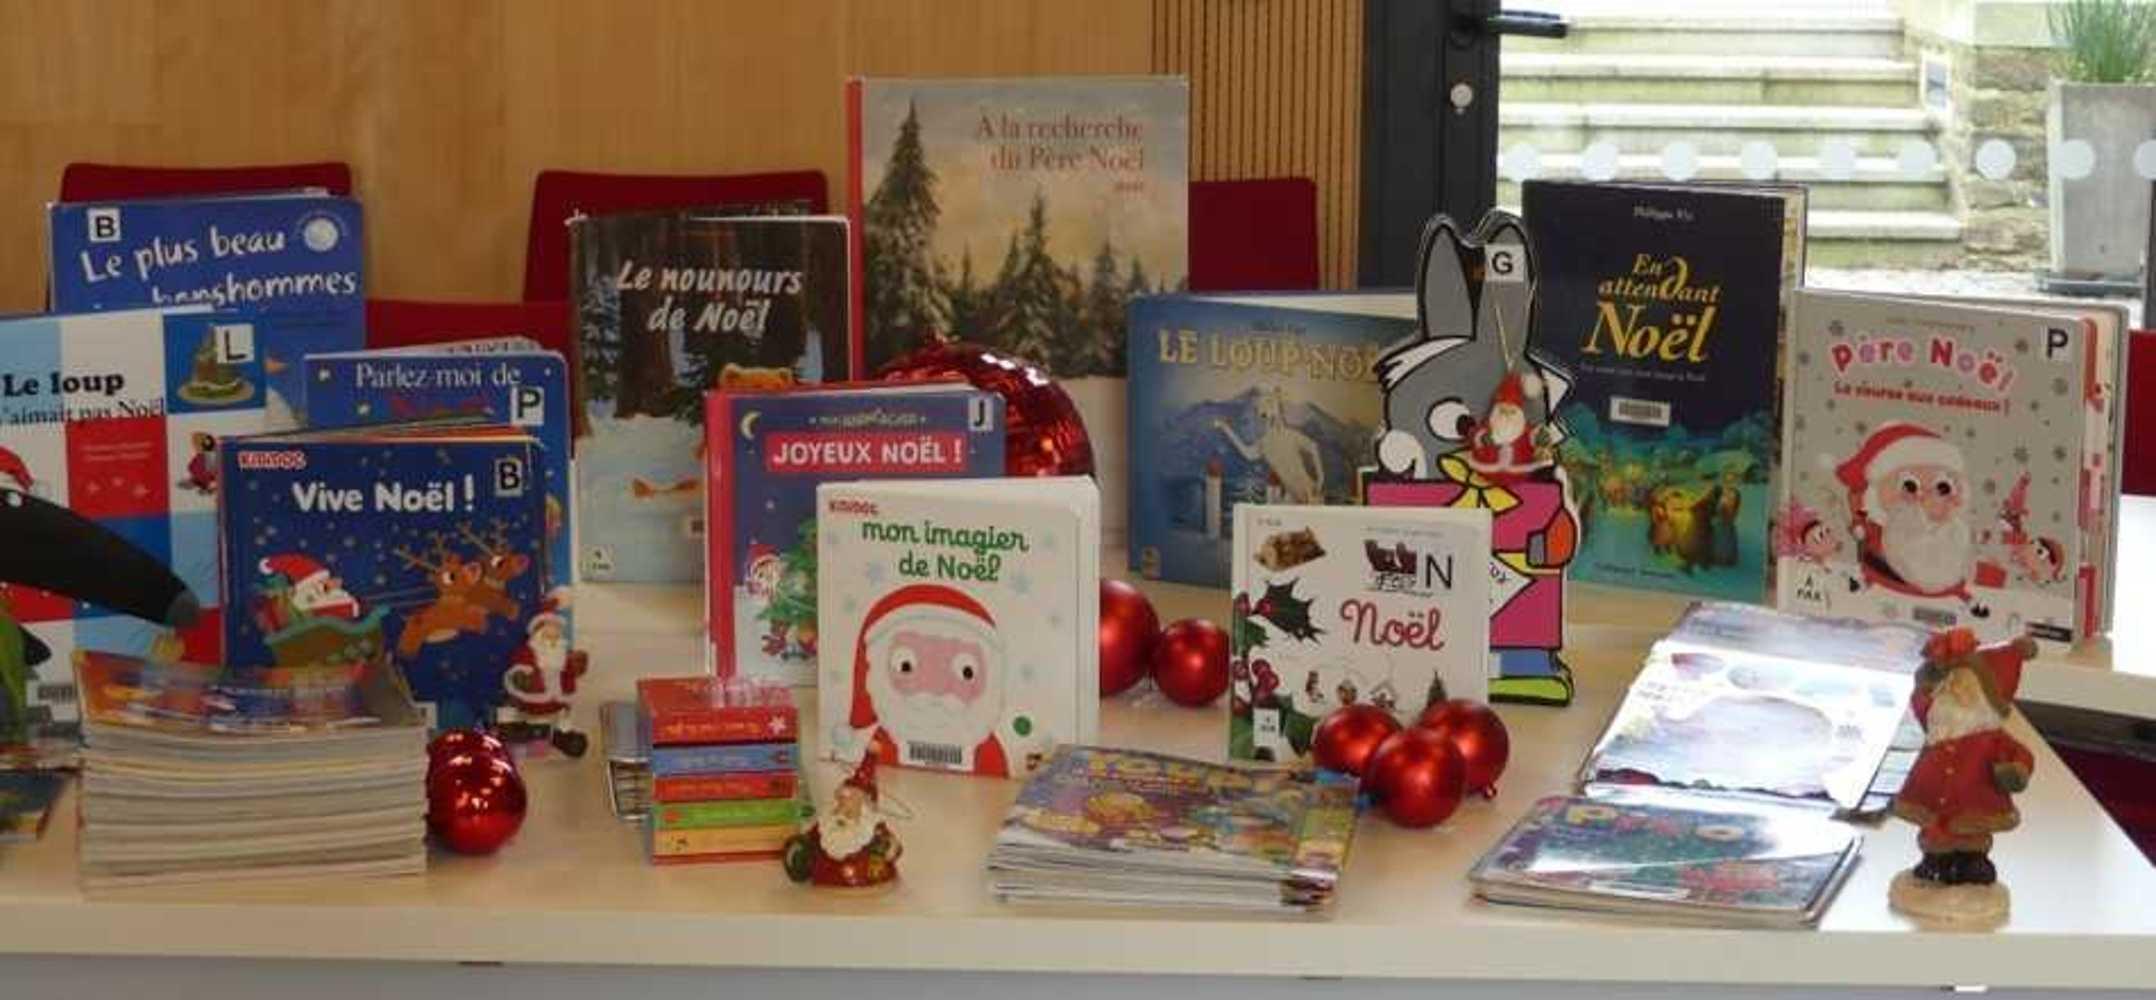 Bibliothèque : les livres de Noël sont arrivés. photopourlesite